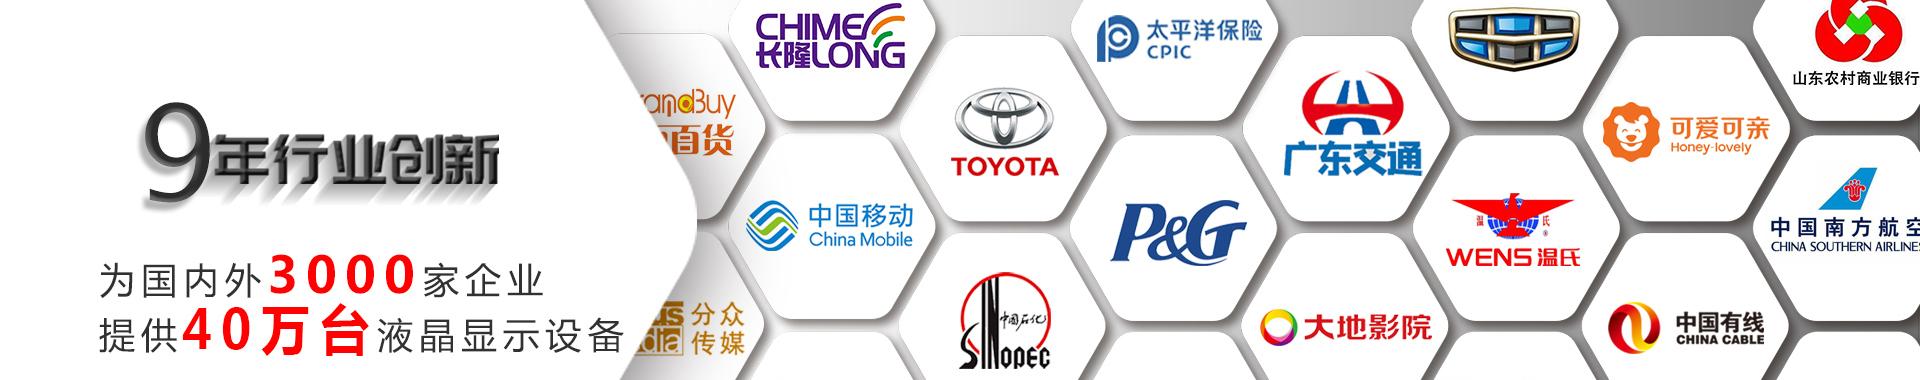 广州液晶商显设备